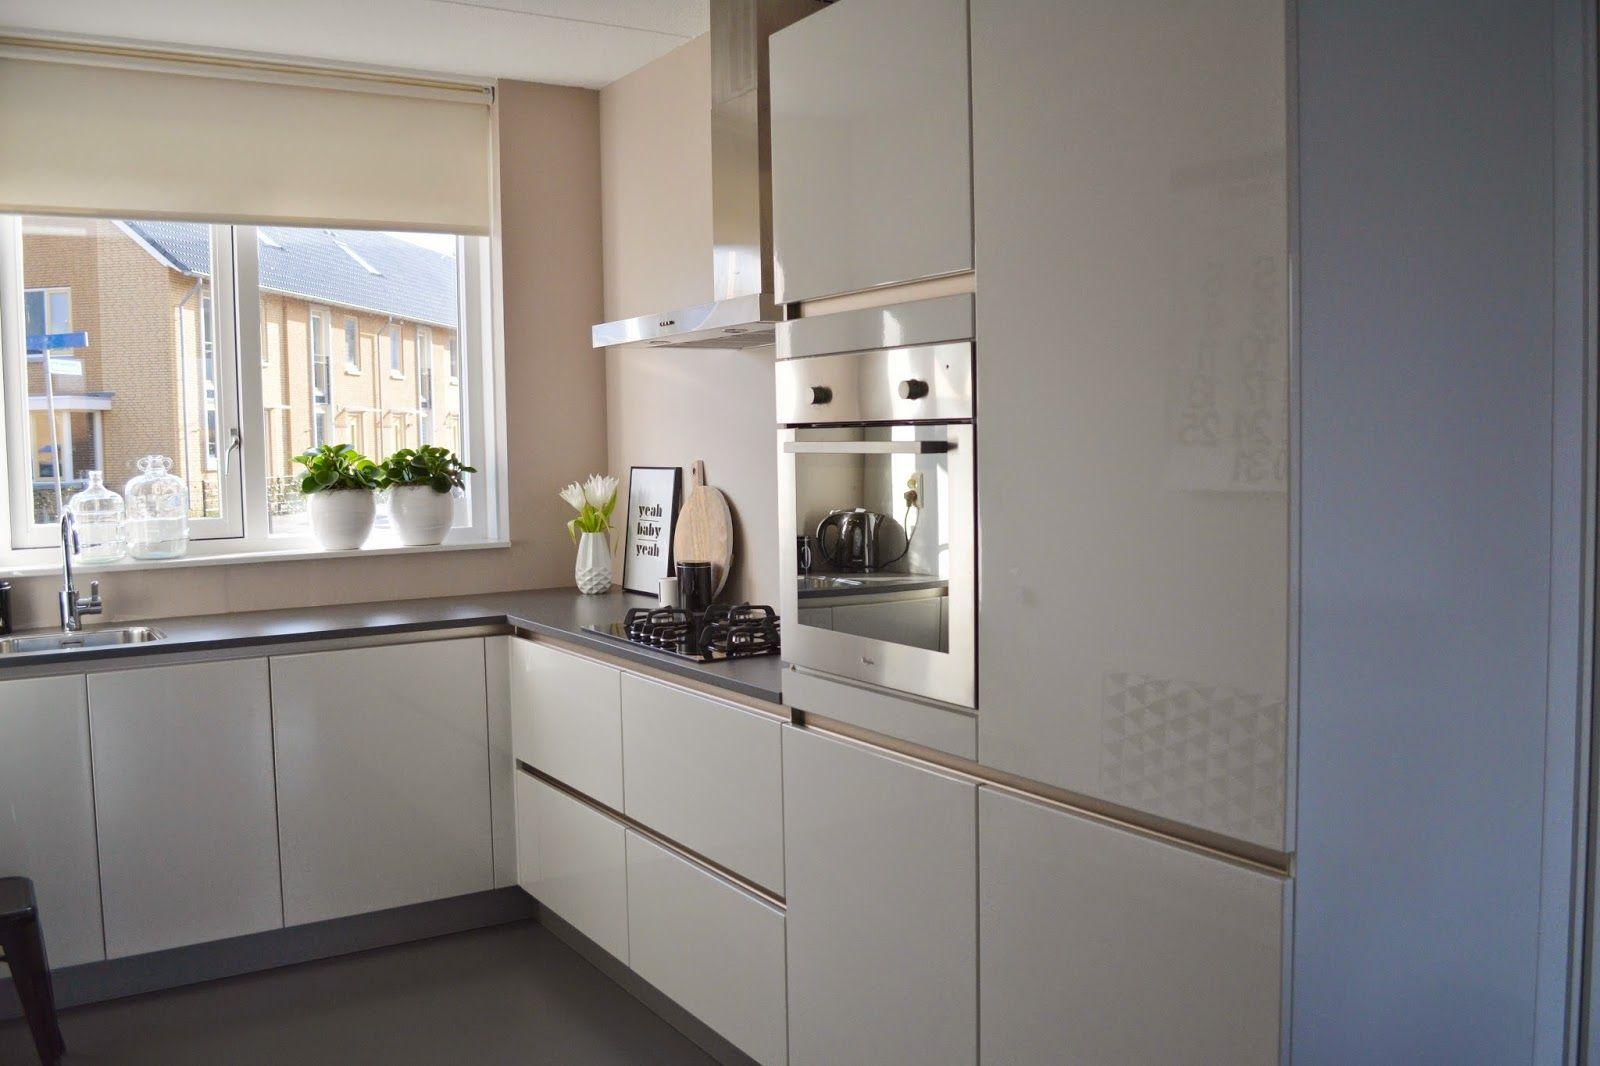 L Vorm Keuken : Keuken inspiratie l vorm google zoeken keuken pinterest